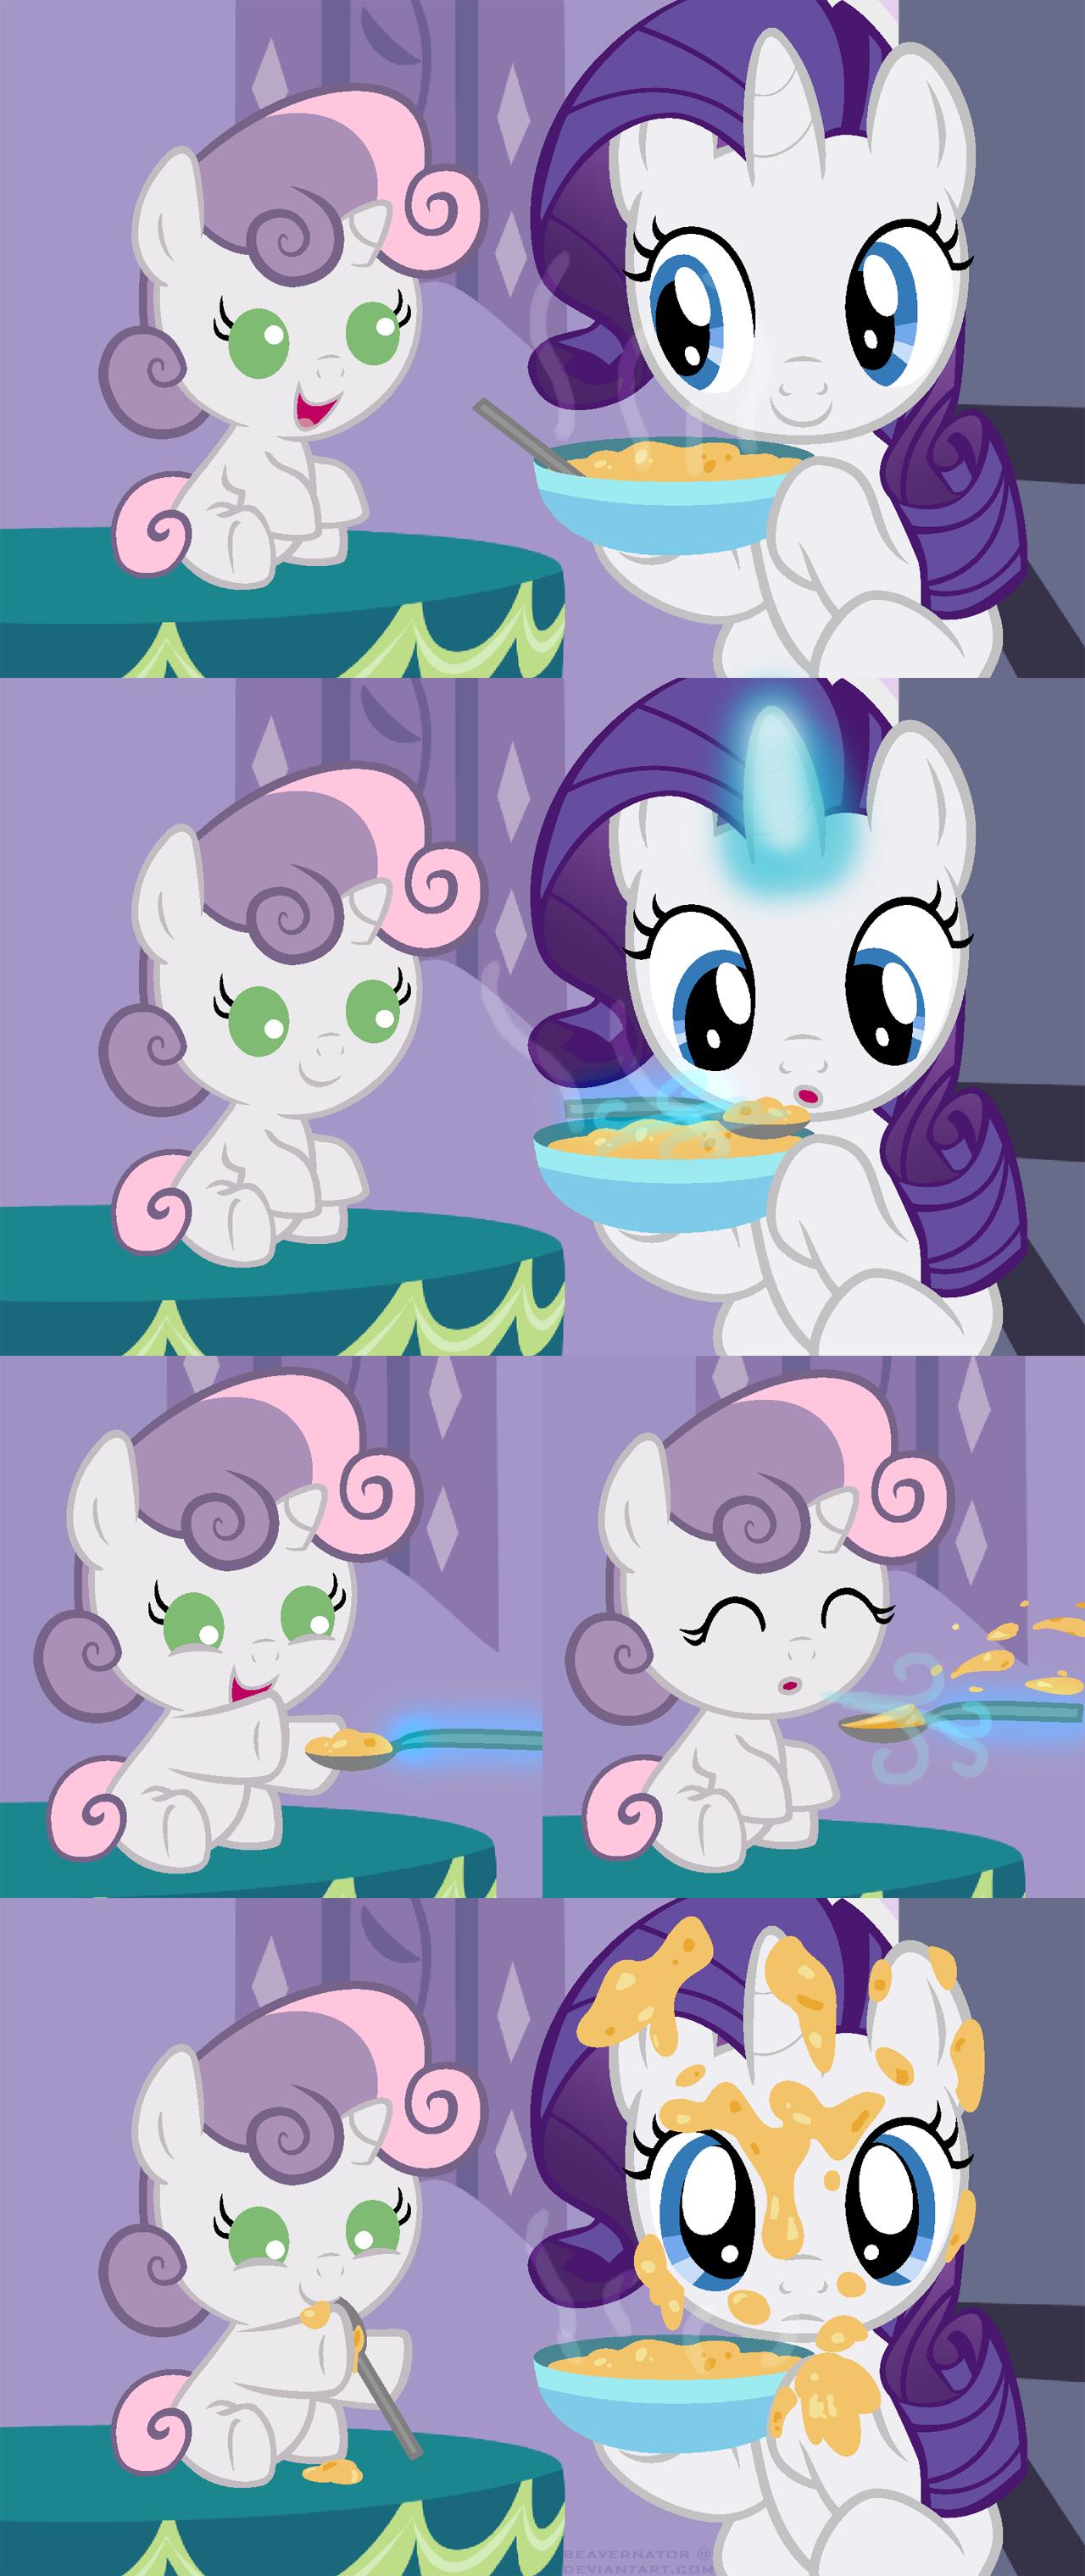 Spoonfeeding Sweetie Belle by Beavernator